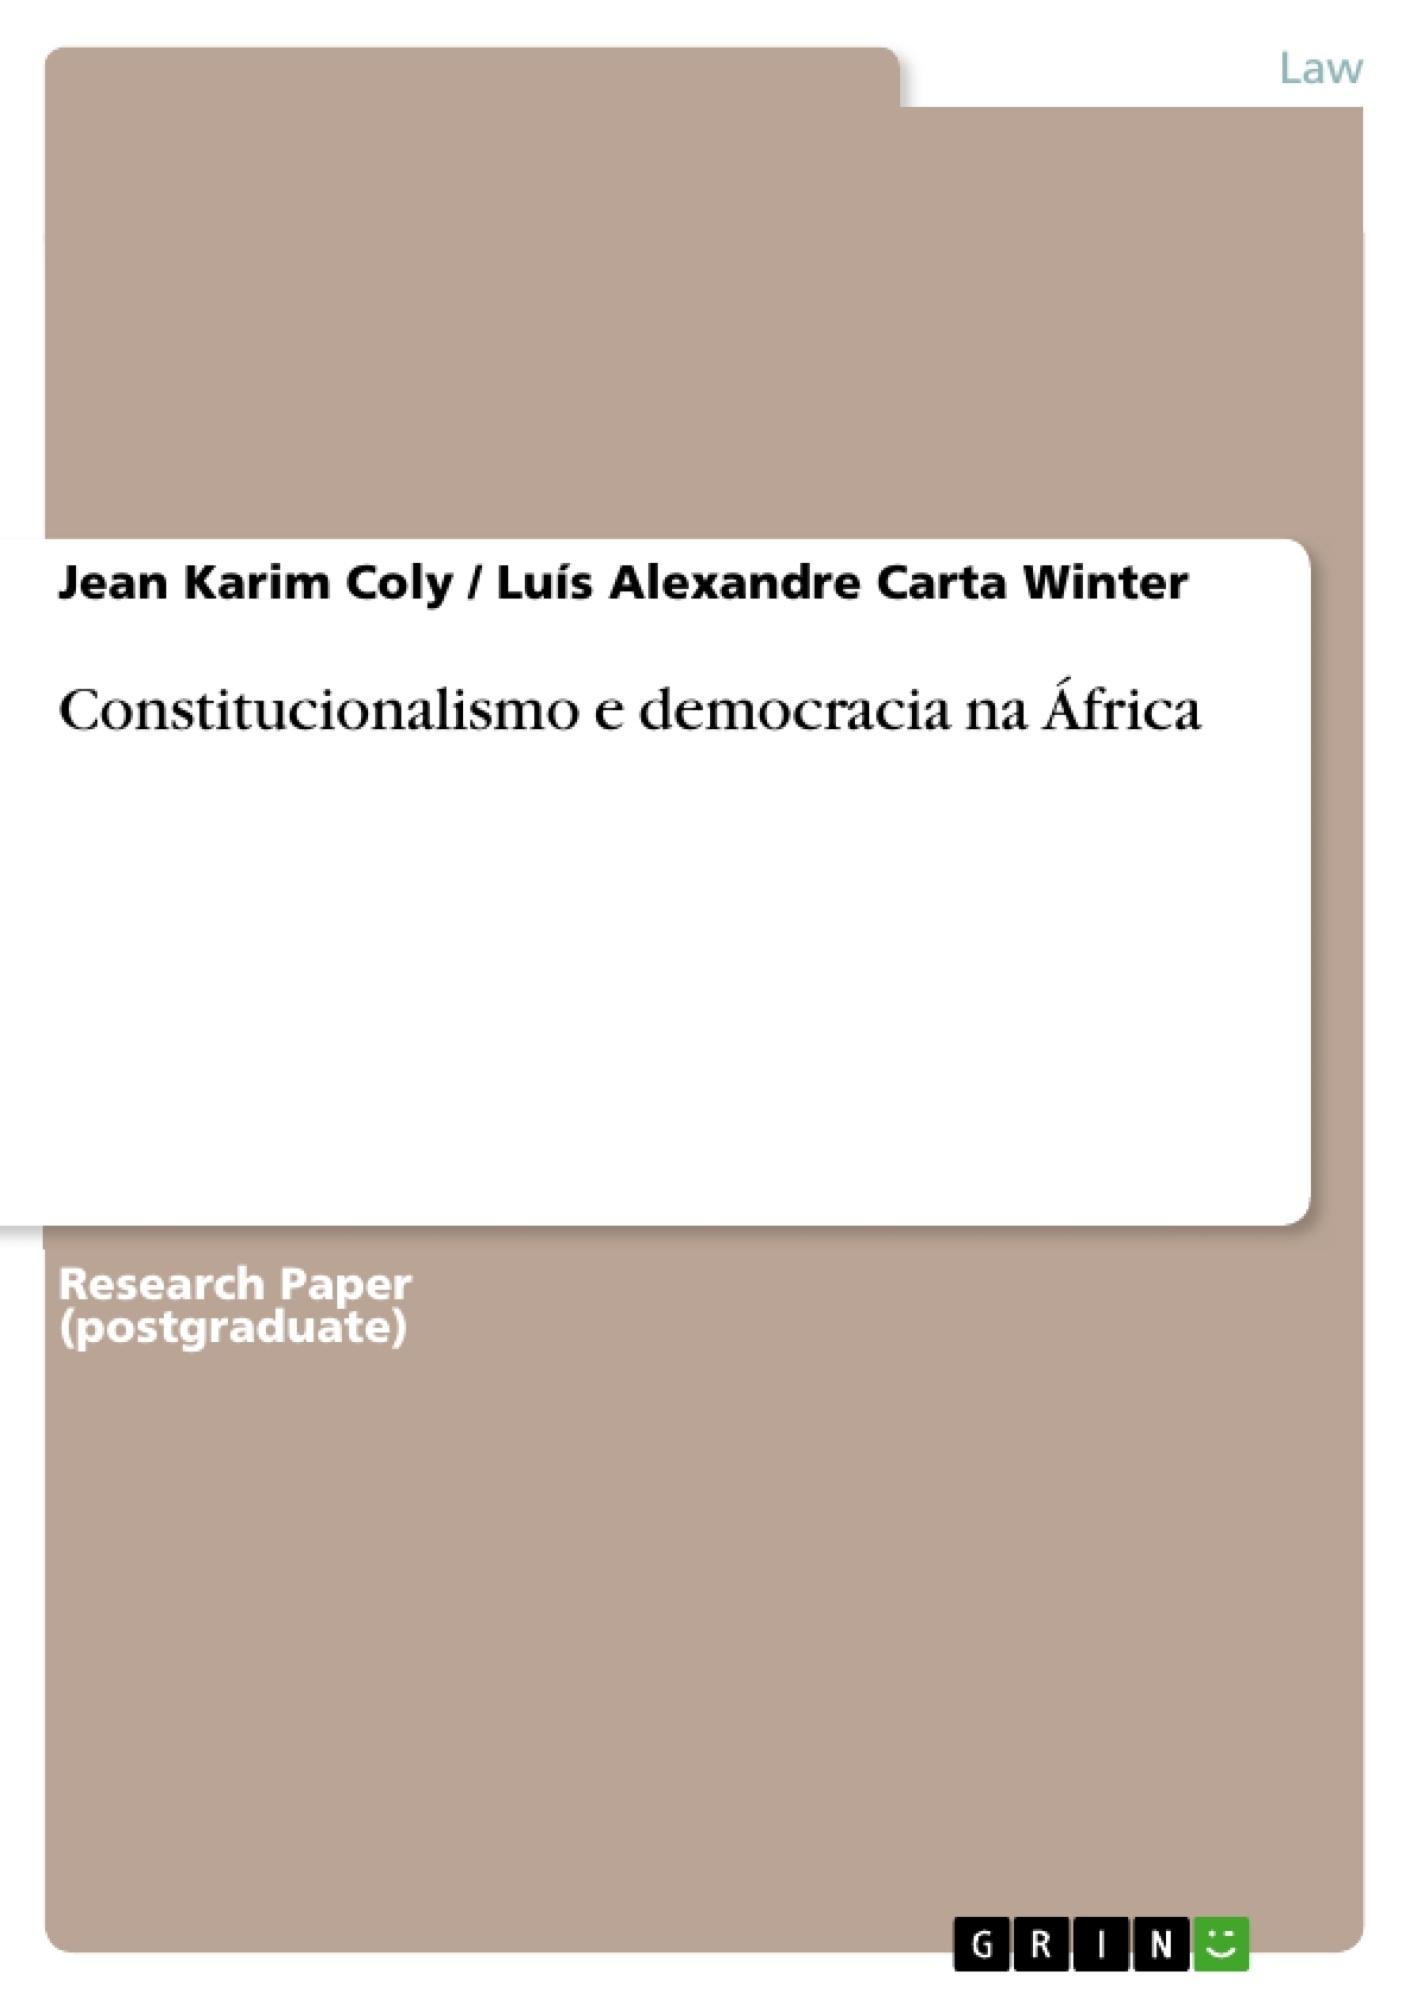 Title: Constitucionalismo e democracia na  África